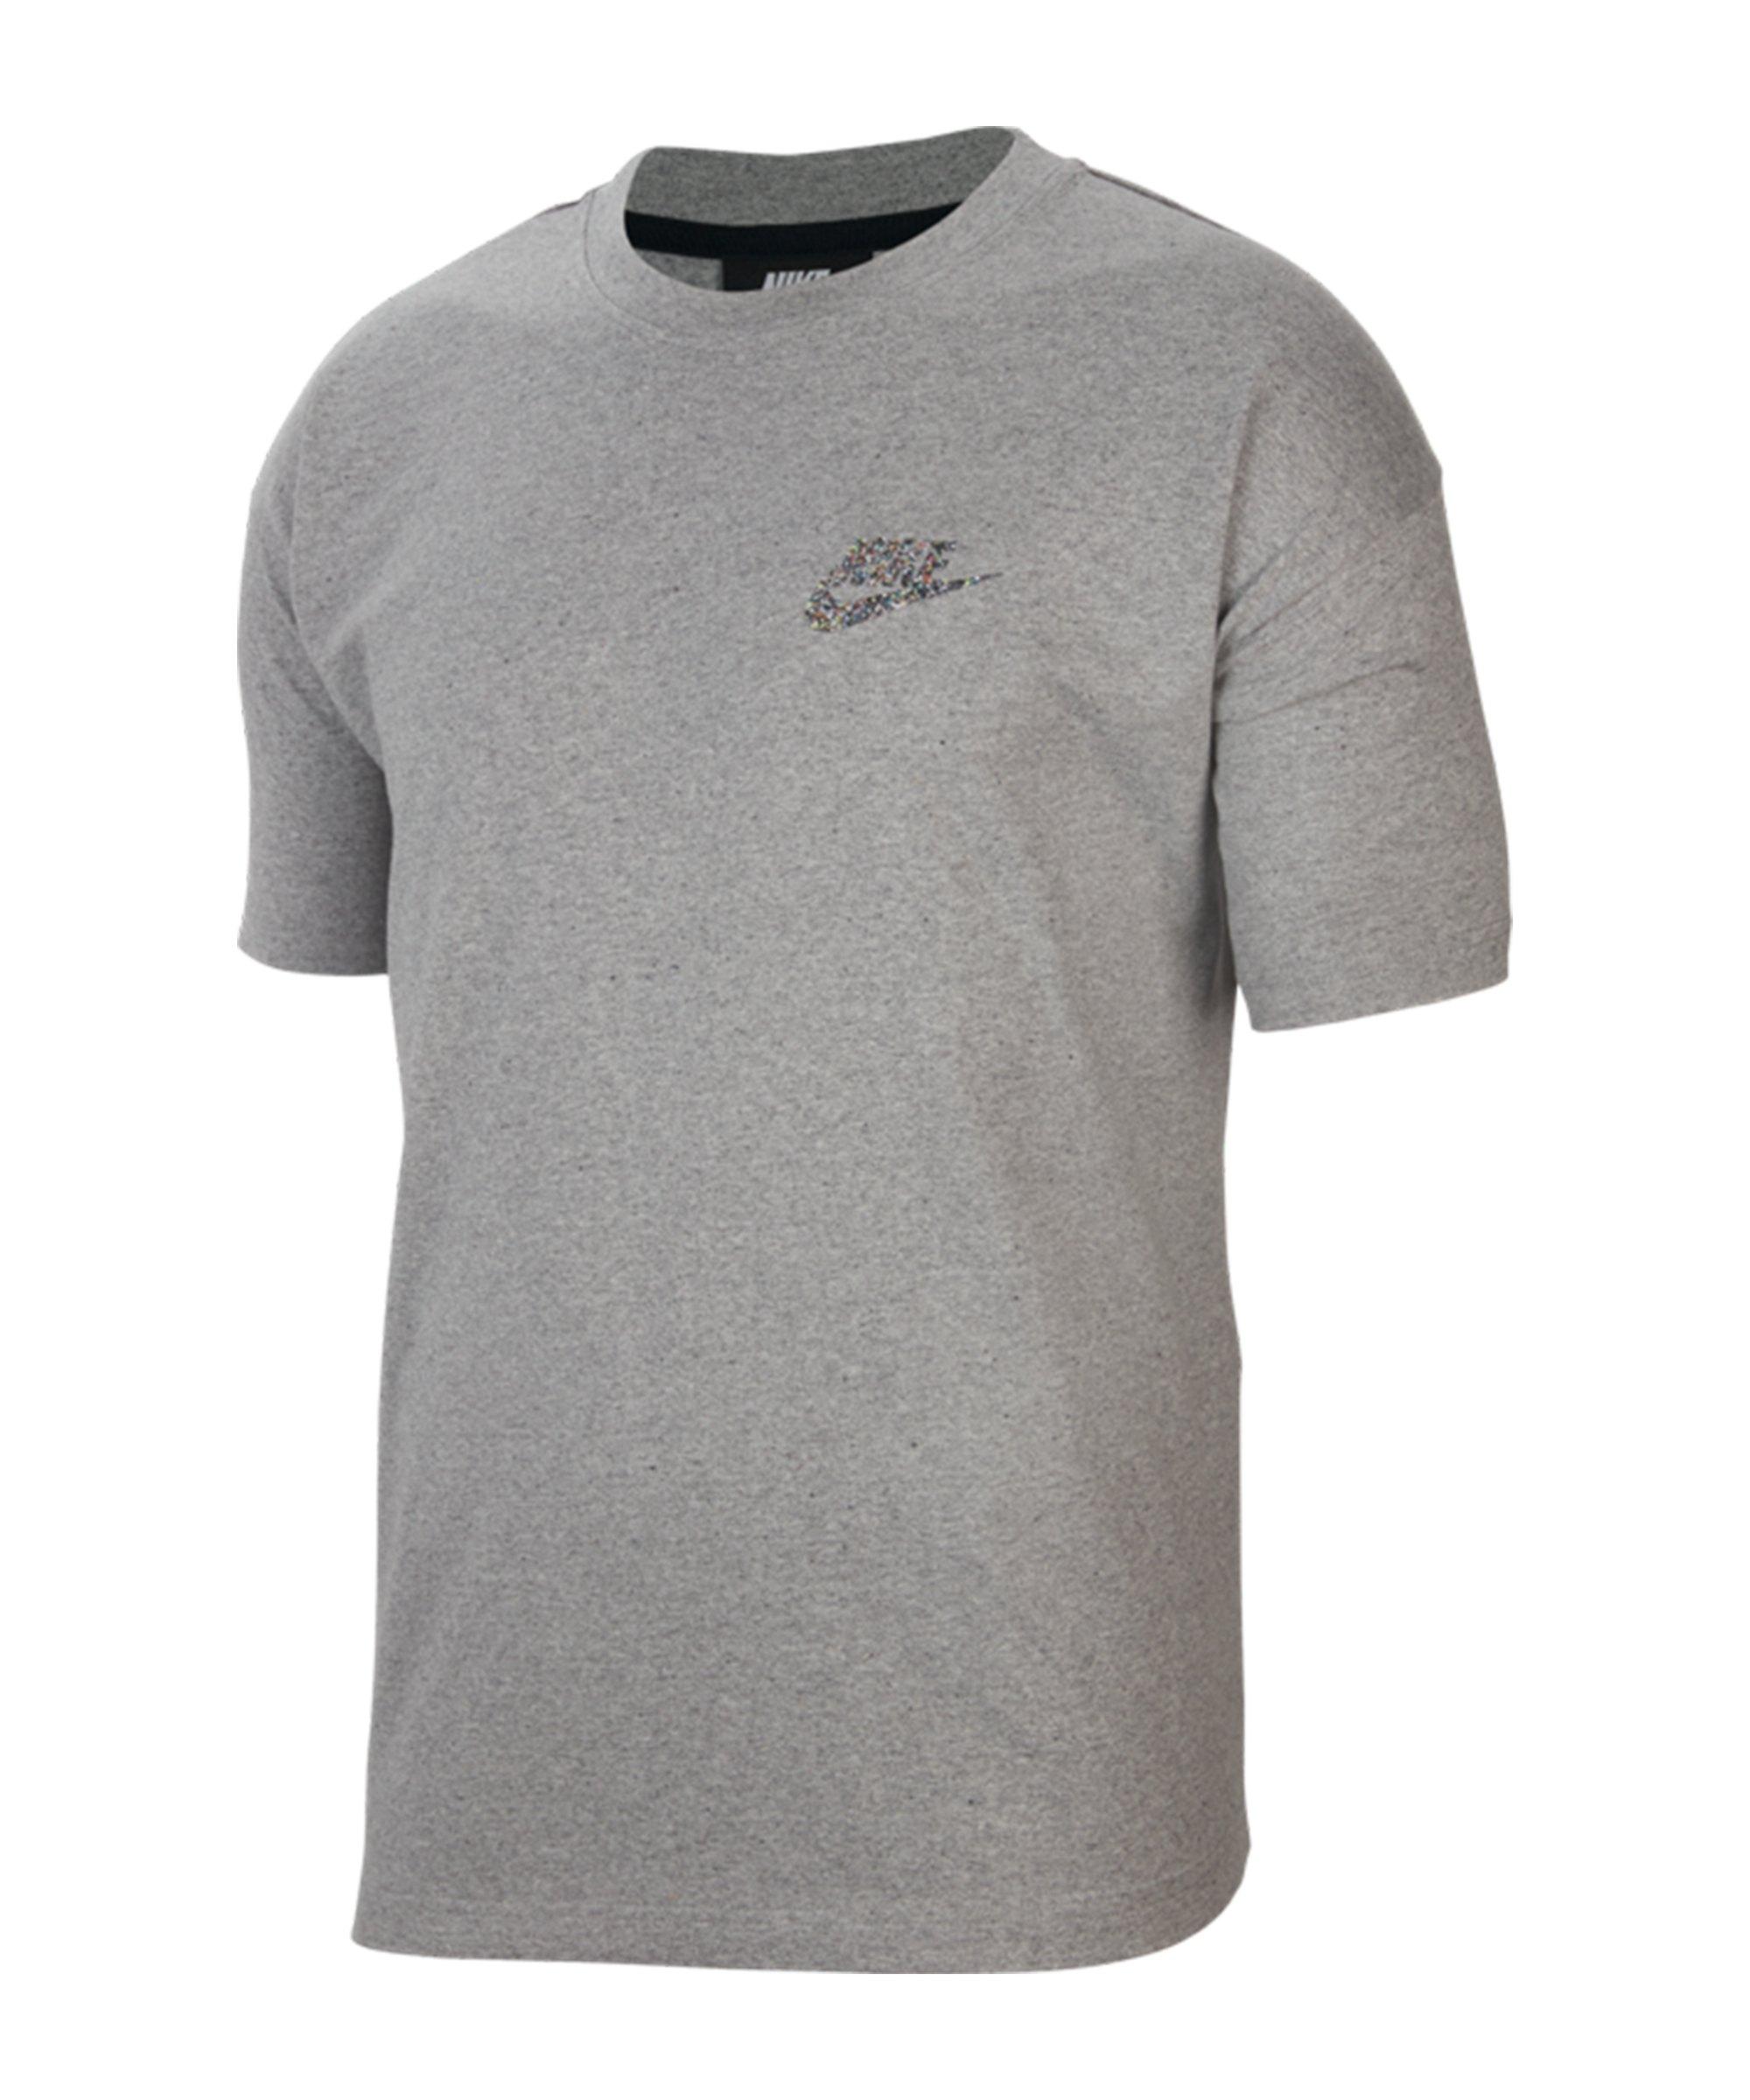 Nike Essentials T-Shirt Grau F905 - grau